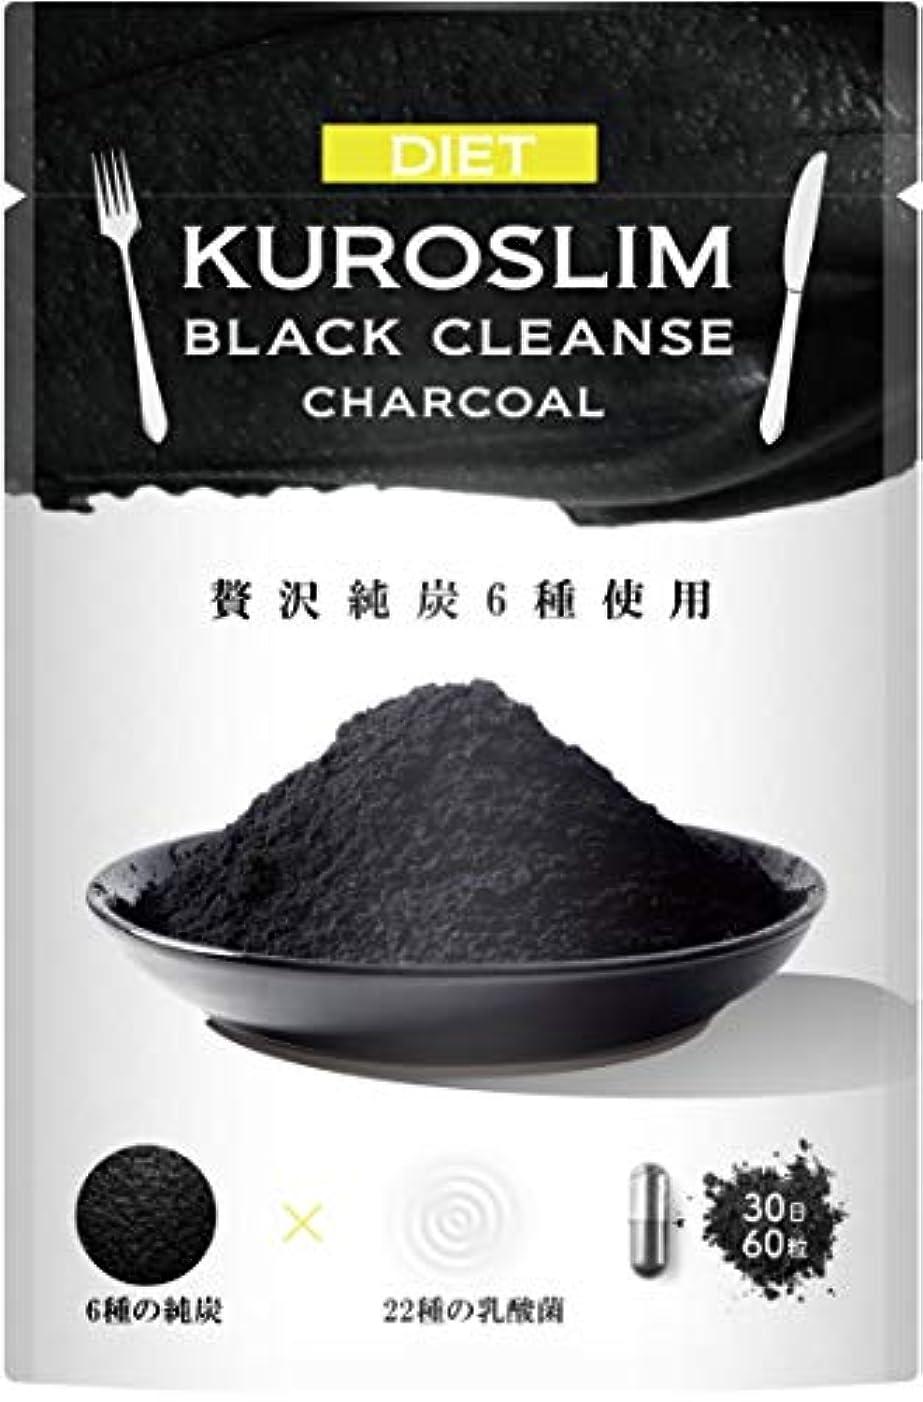 バーバーベキュー保守可能炭ダイエット サプリ KUROSLIM チャコール サプリメント 6種の純炭 60粒30日分